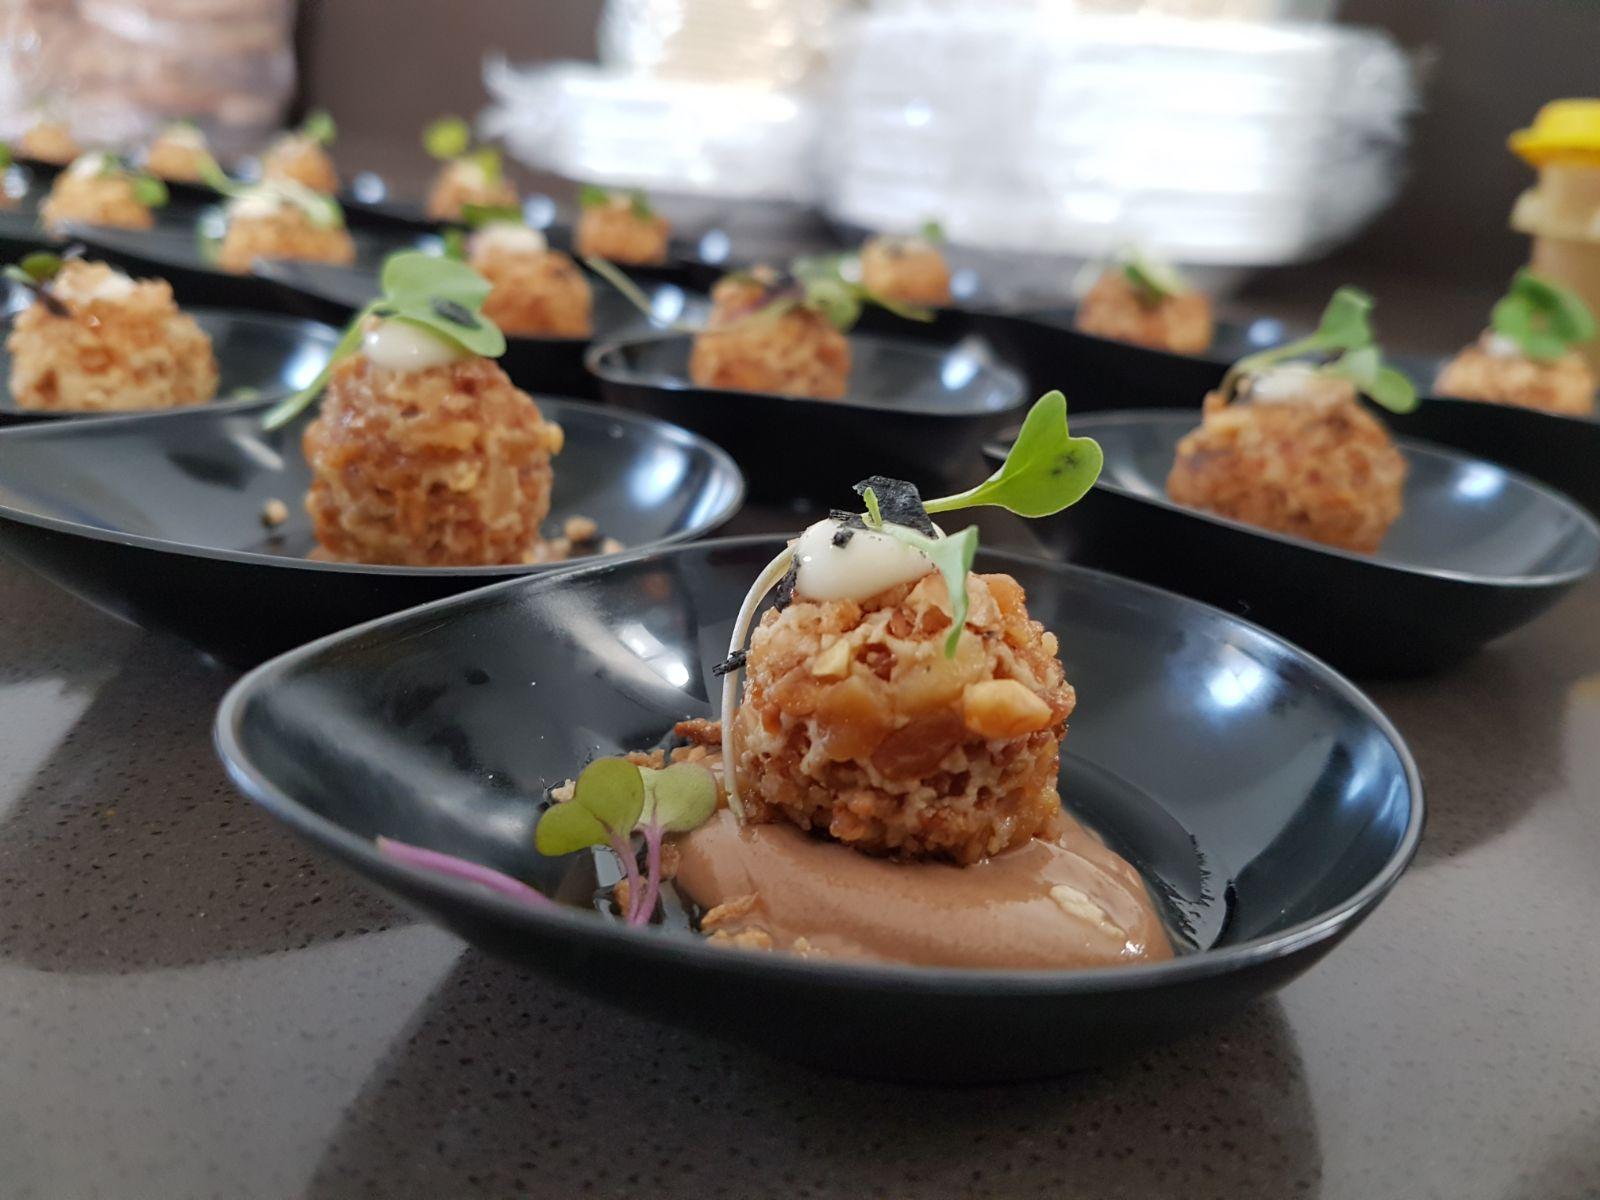 Els tallers de cuina de l'Espai Ebre-Km són tot un èxit